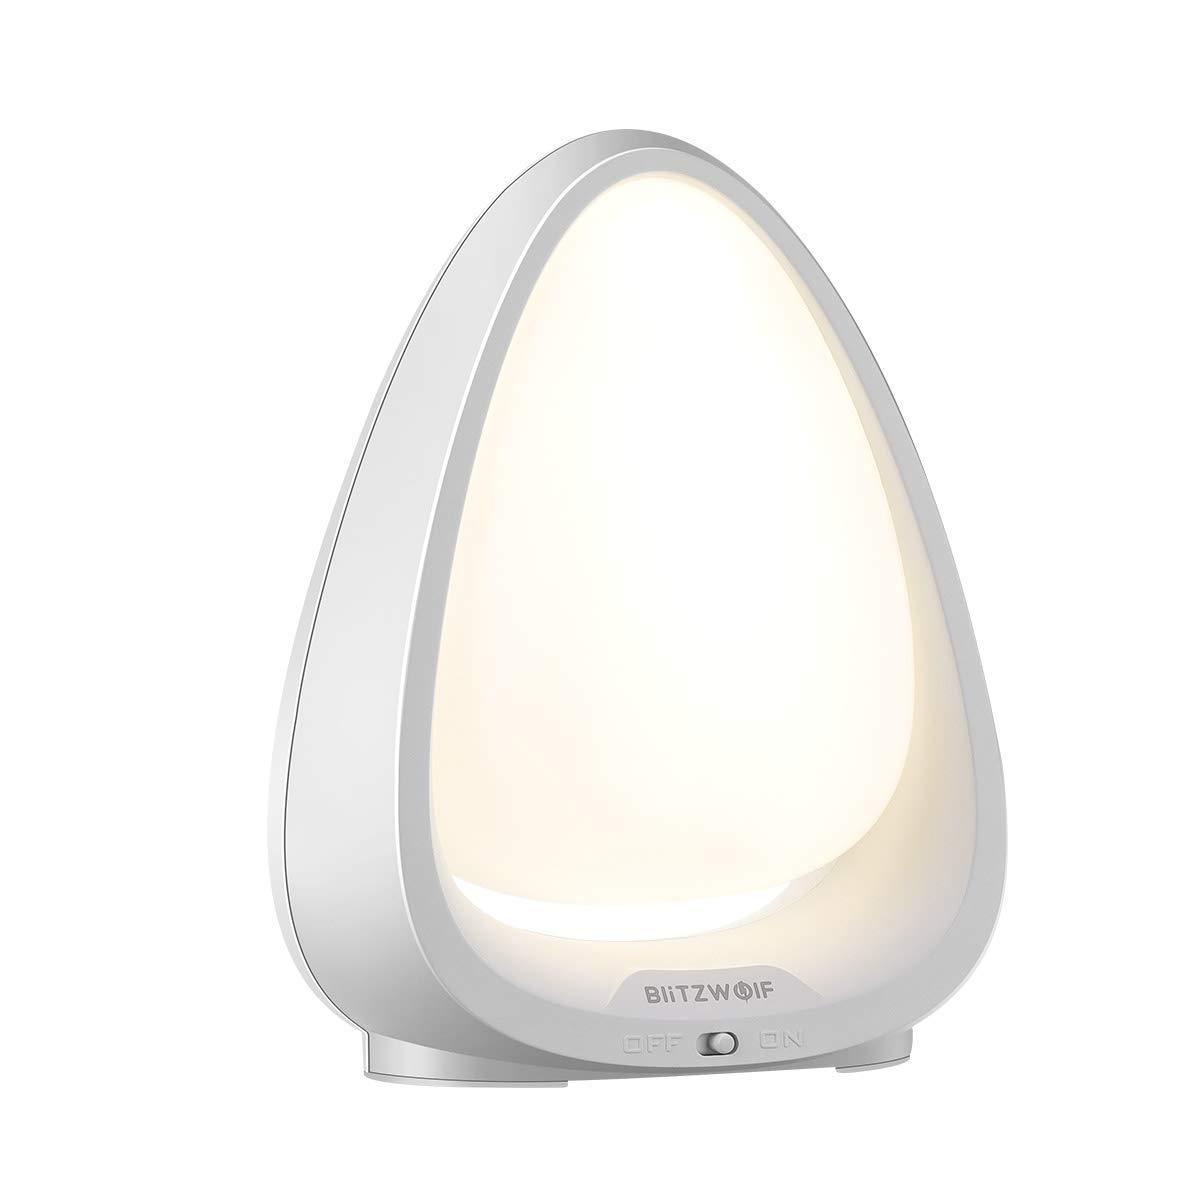 LED Nachtlicht, BlitzWolf Berührungssensor Kinder Nachtlampe mit Warmweißes Licht und Farbwechsel-Modus, Safe ABS + PC, 240°Beleuchtungswinkel und 72-Stunden Standby-Zeit für Babyzimmer, Schlafzimmer, Wohnräume(4000K Farbtemperatur) BW-LT9